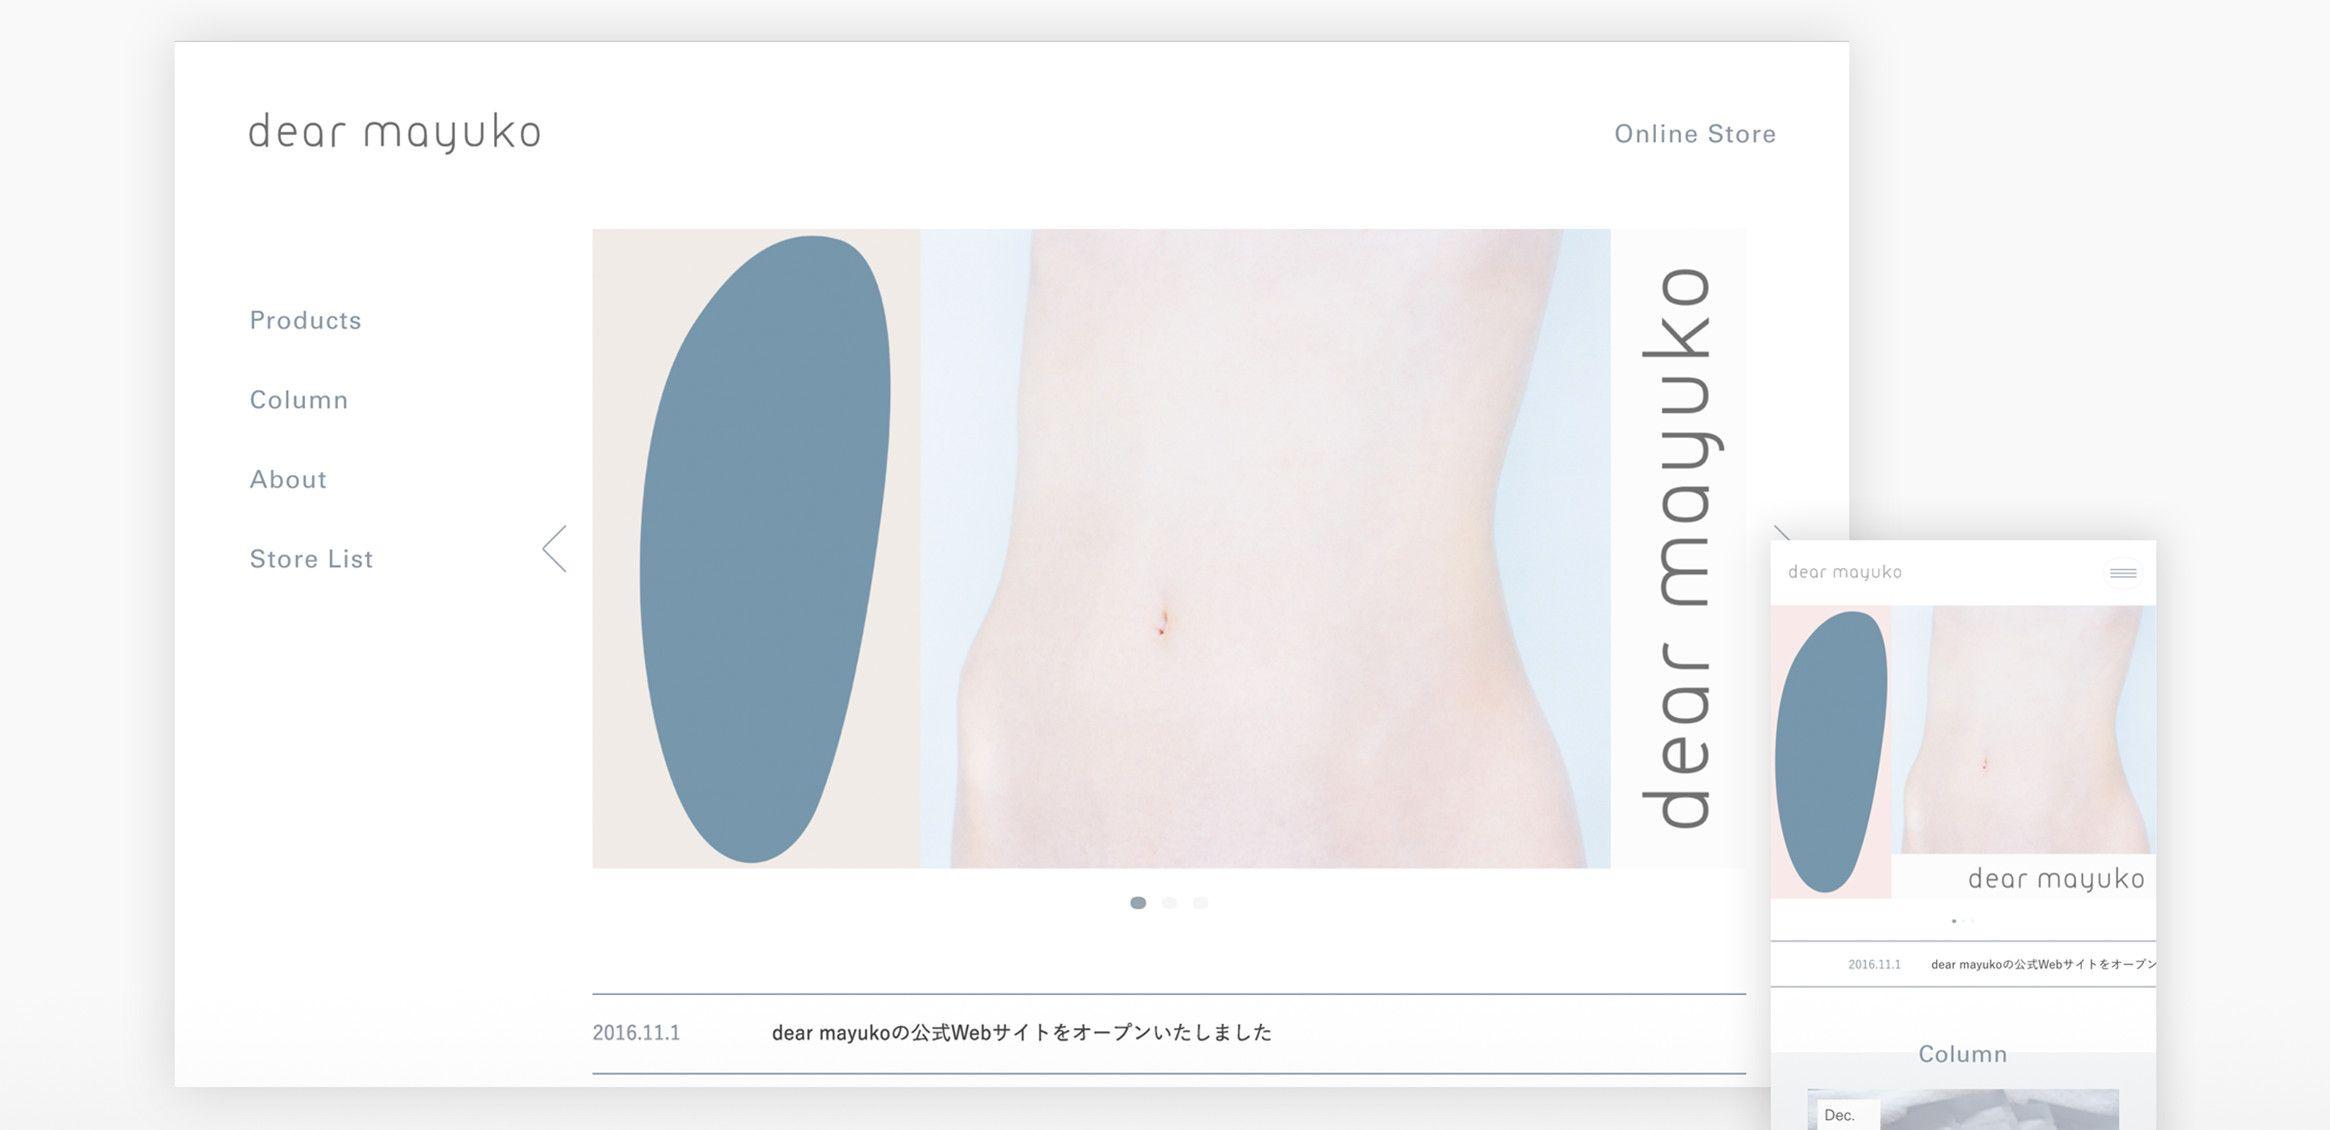 dear mayuiko web site